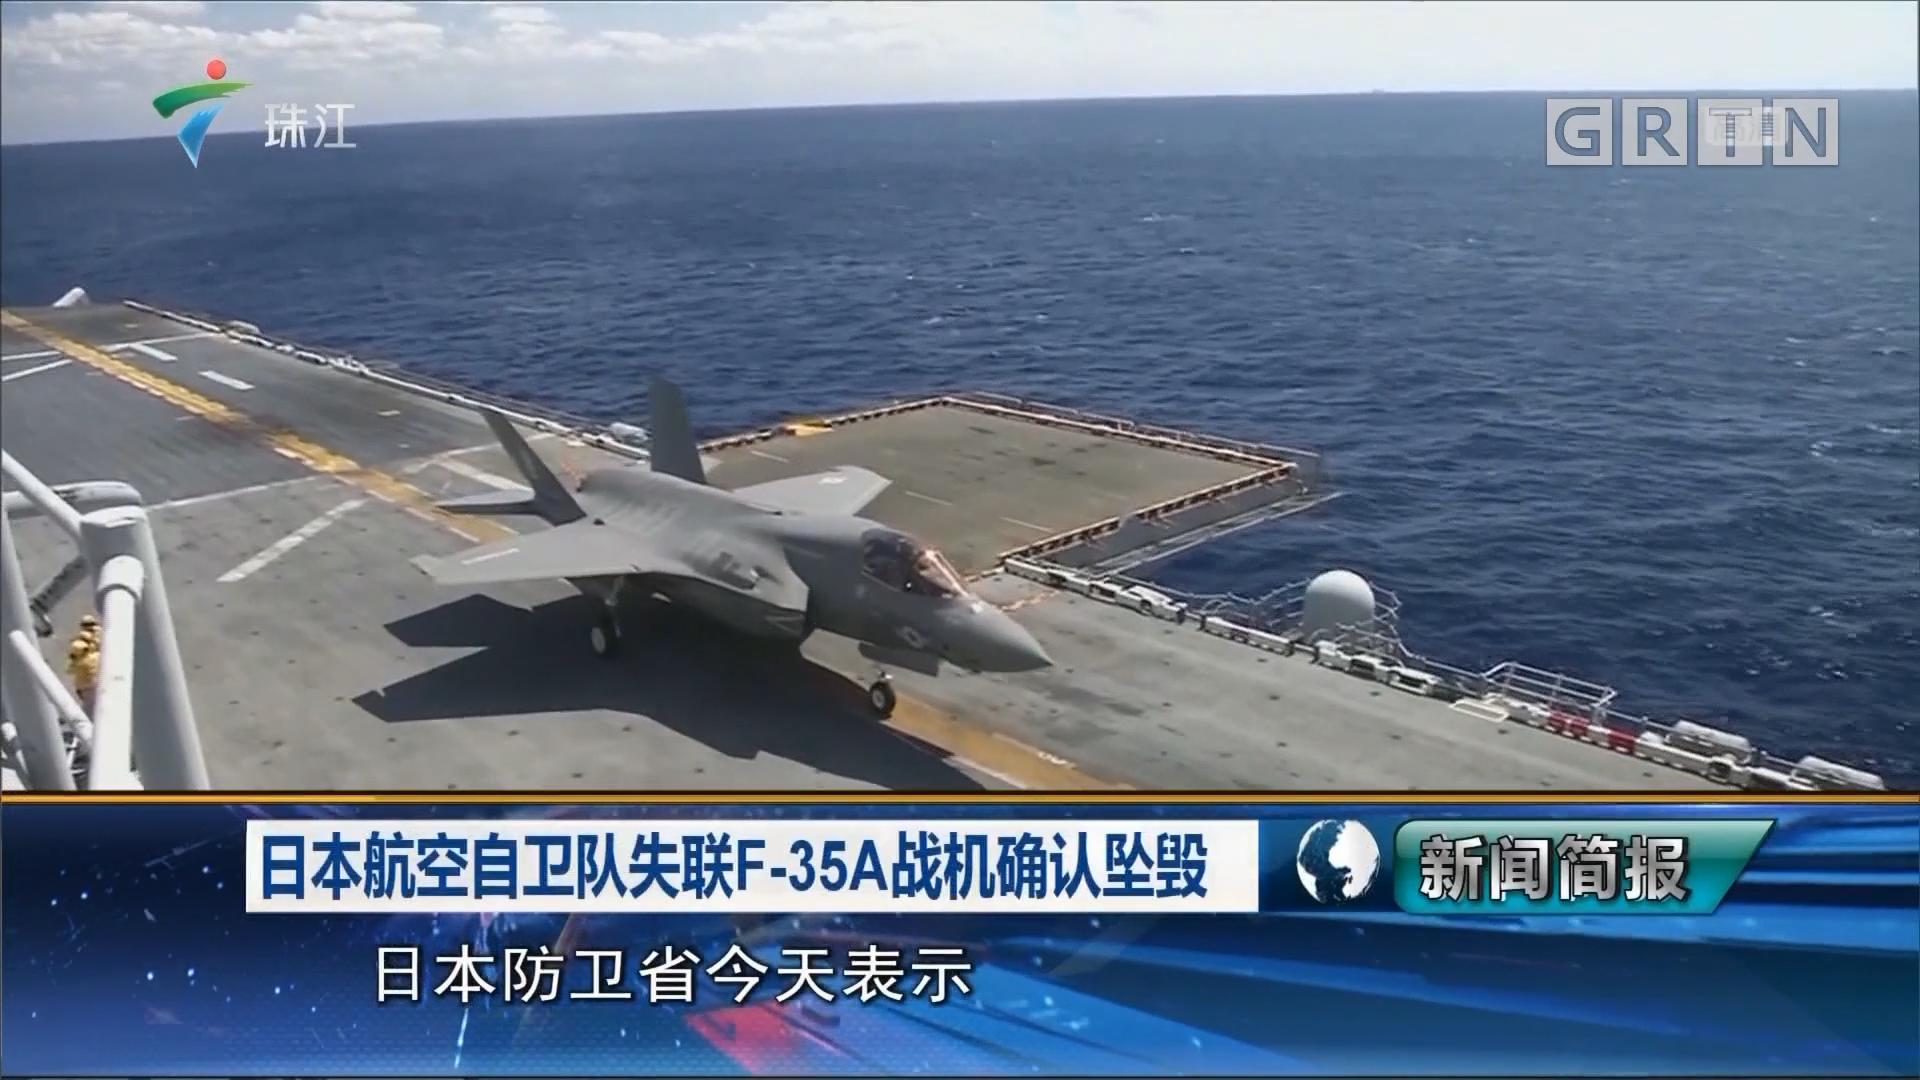 日本航空自卫队失联F-35A战机确认坠毁